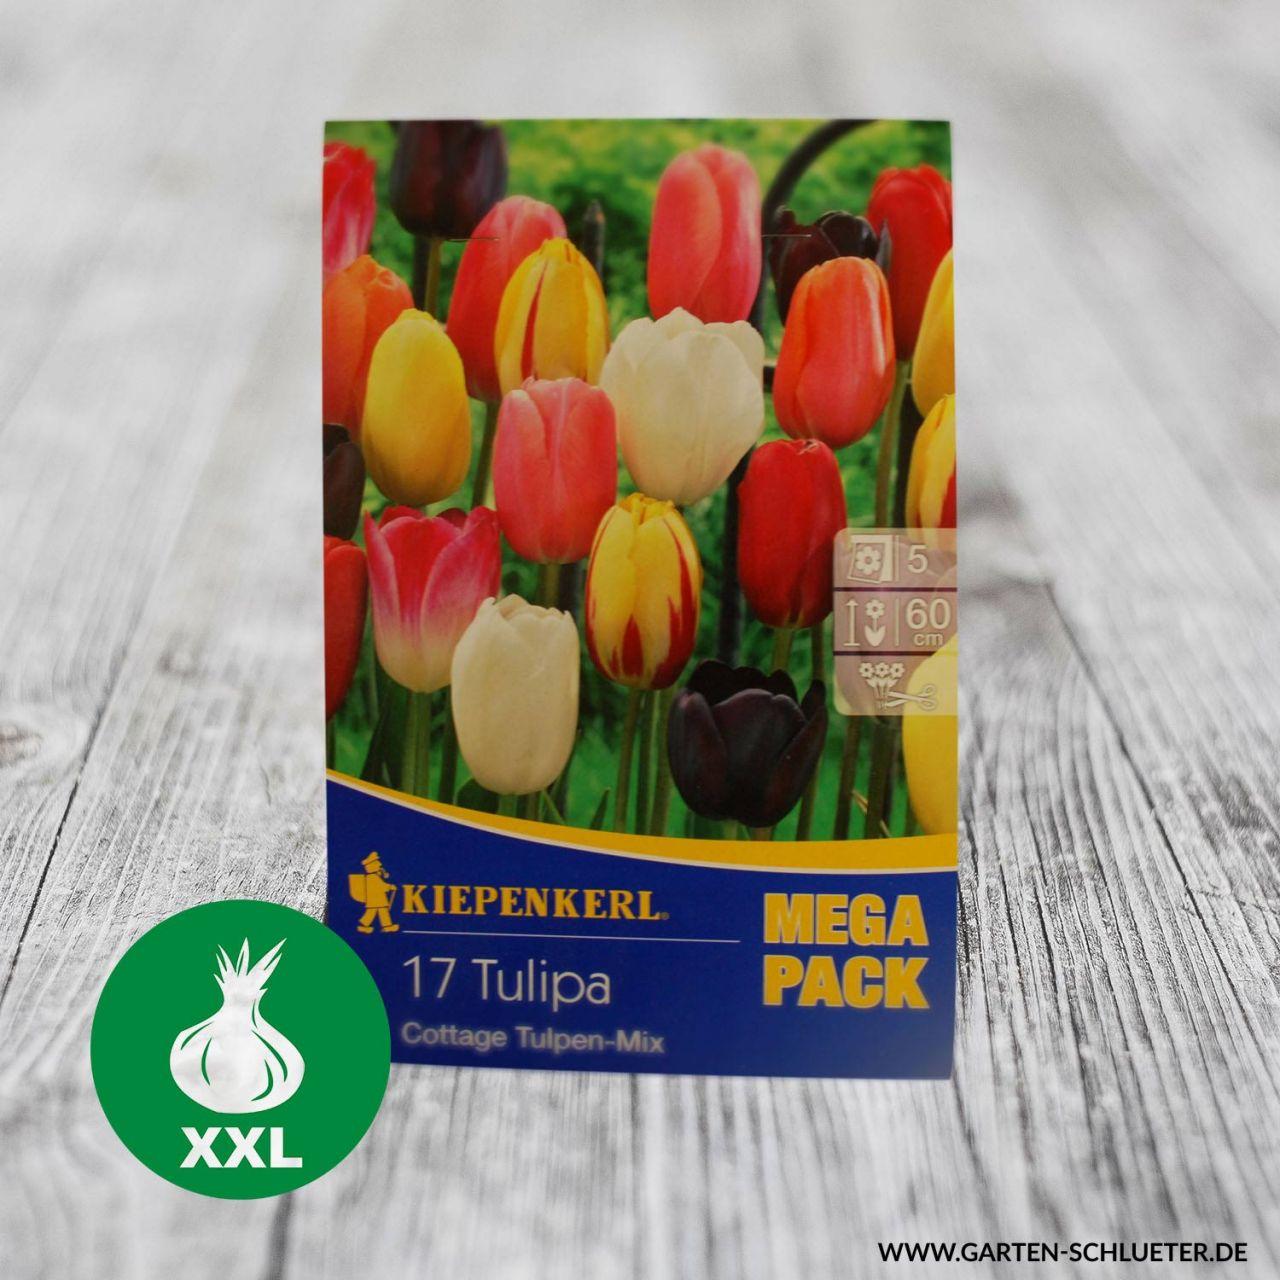 Garten-Schlueter.de: Einfache späte Tulpe Cottage - Mischung - 17 Stück